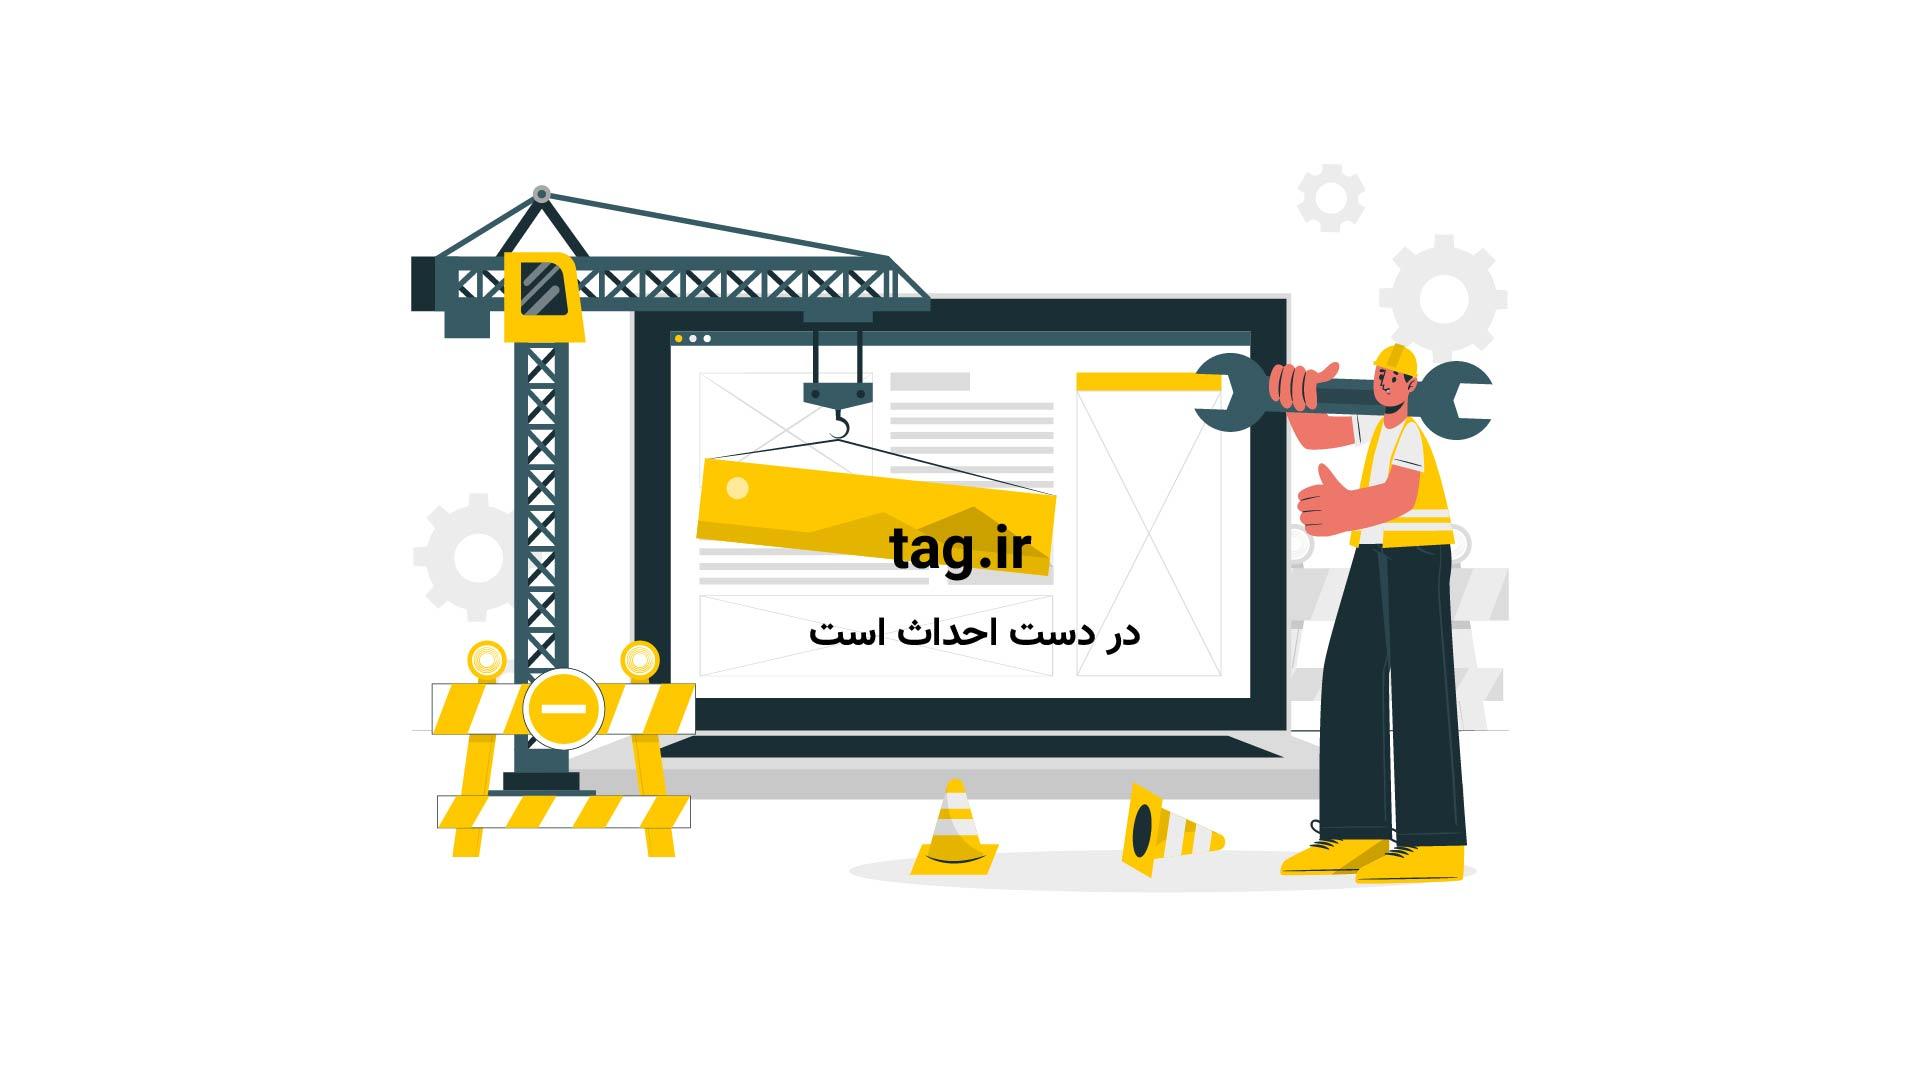 آتش سوزی در بازار کهنه قم | فیلم